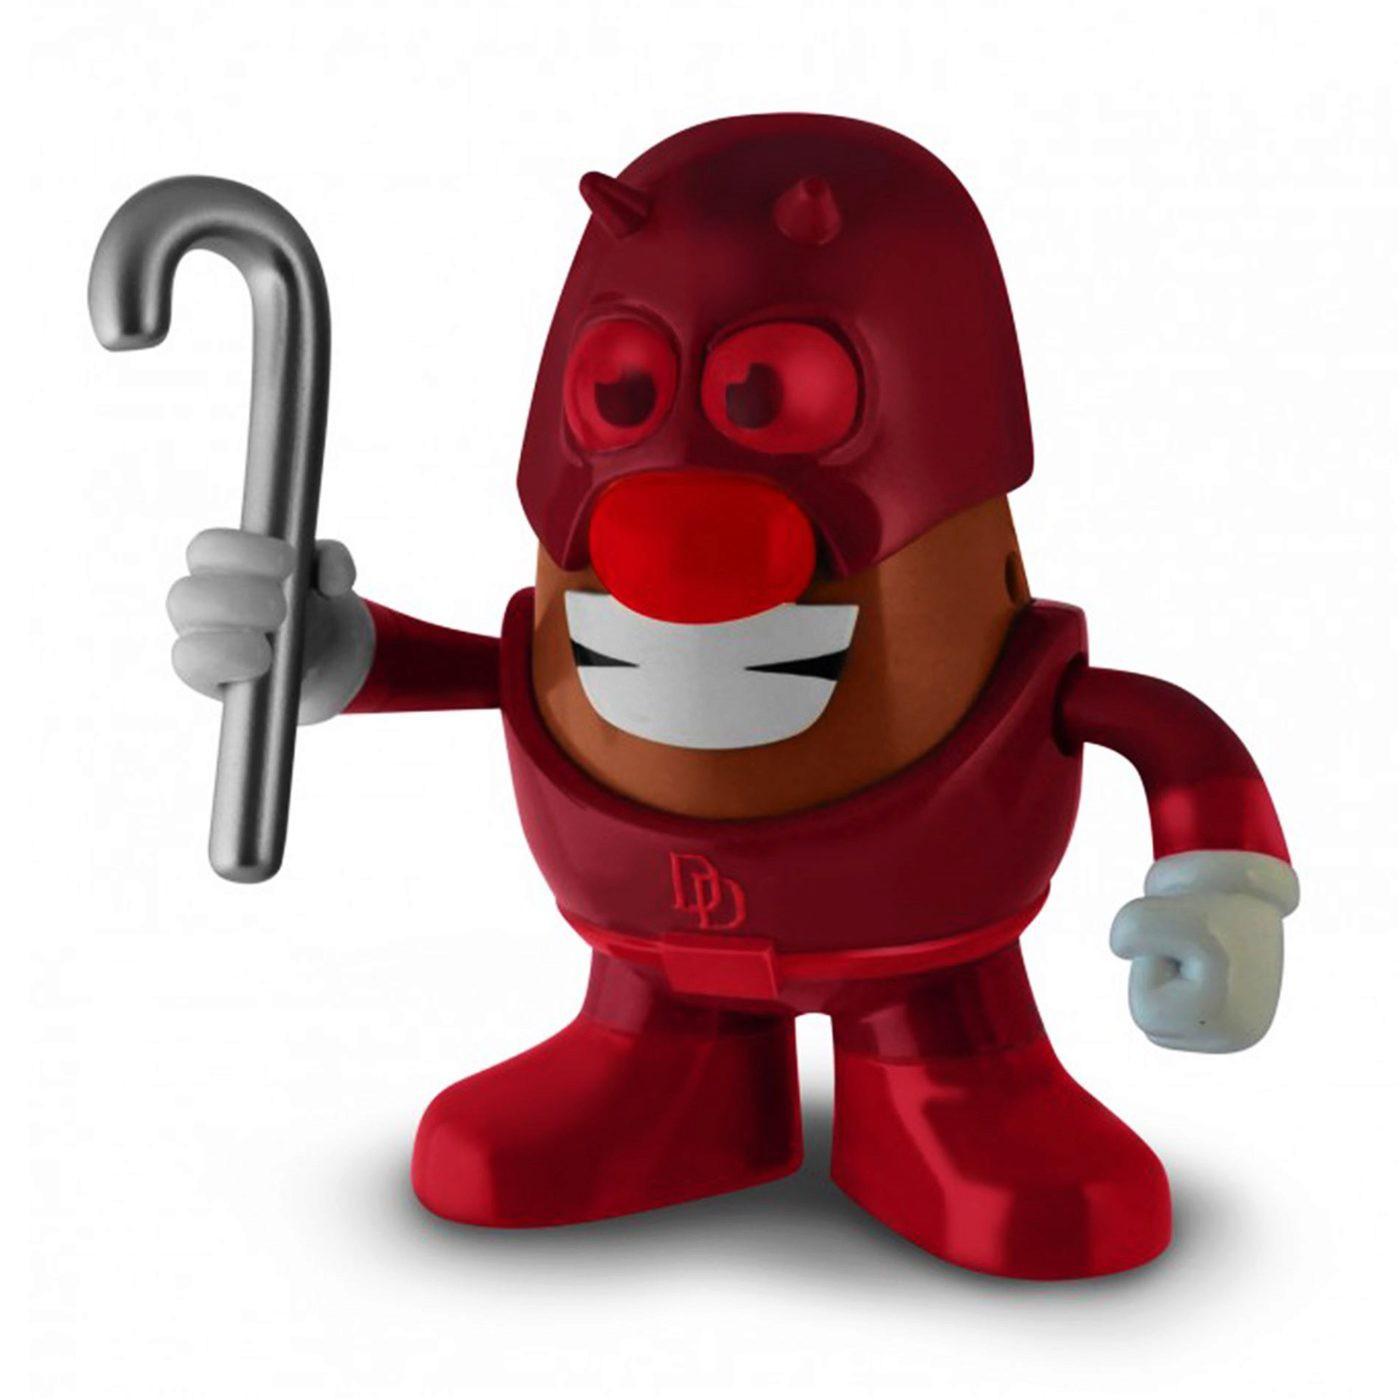 Daredevil Mr. Potato Head